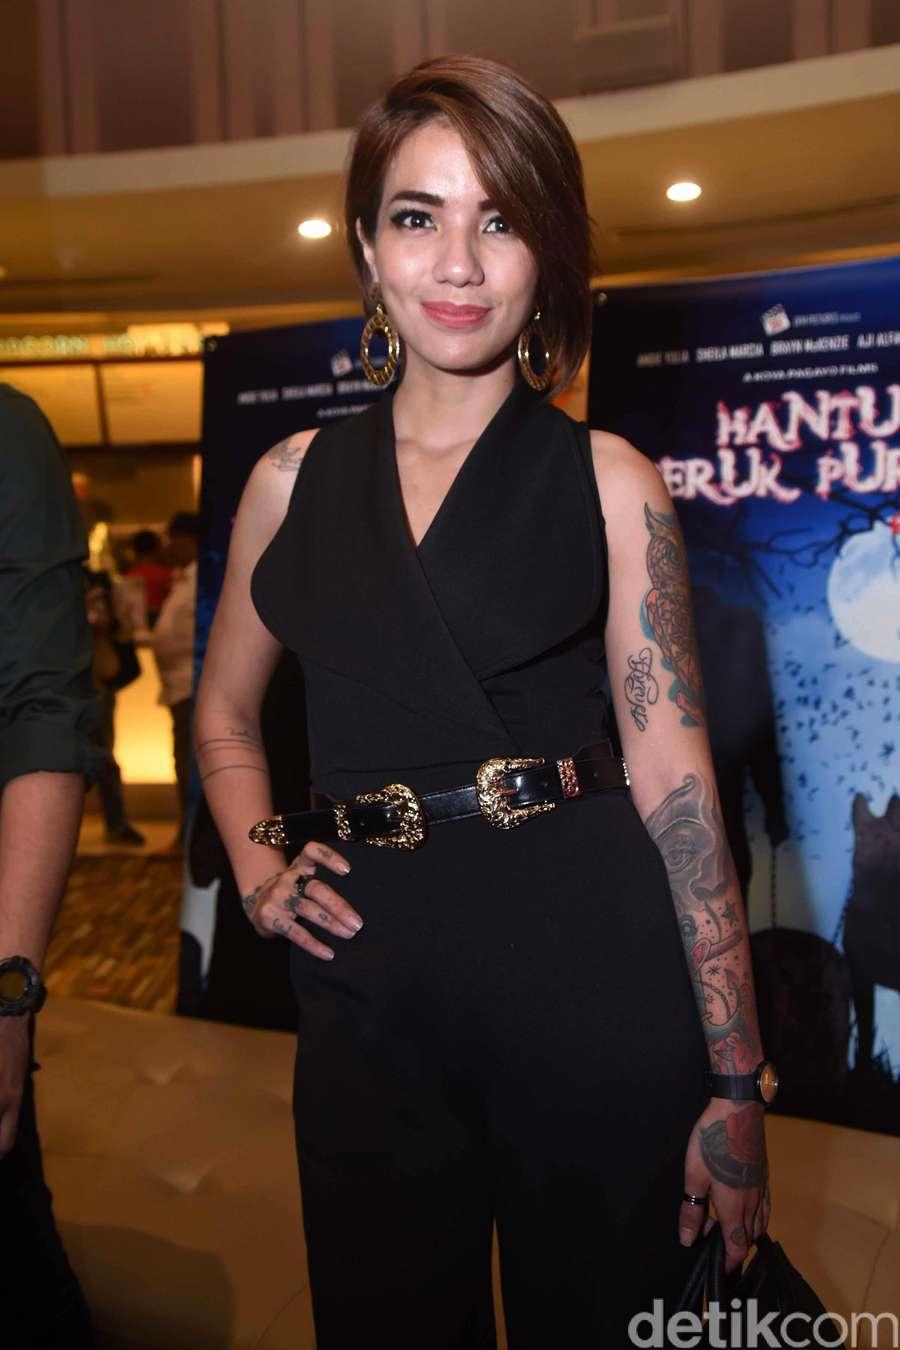 Wah, Sheila Marcia Putuskan Tinggal di Bali Lagi